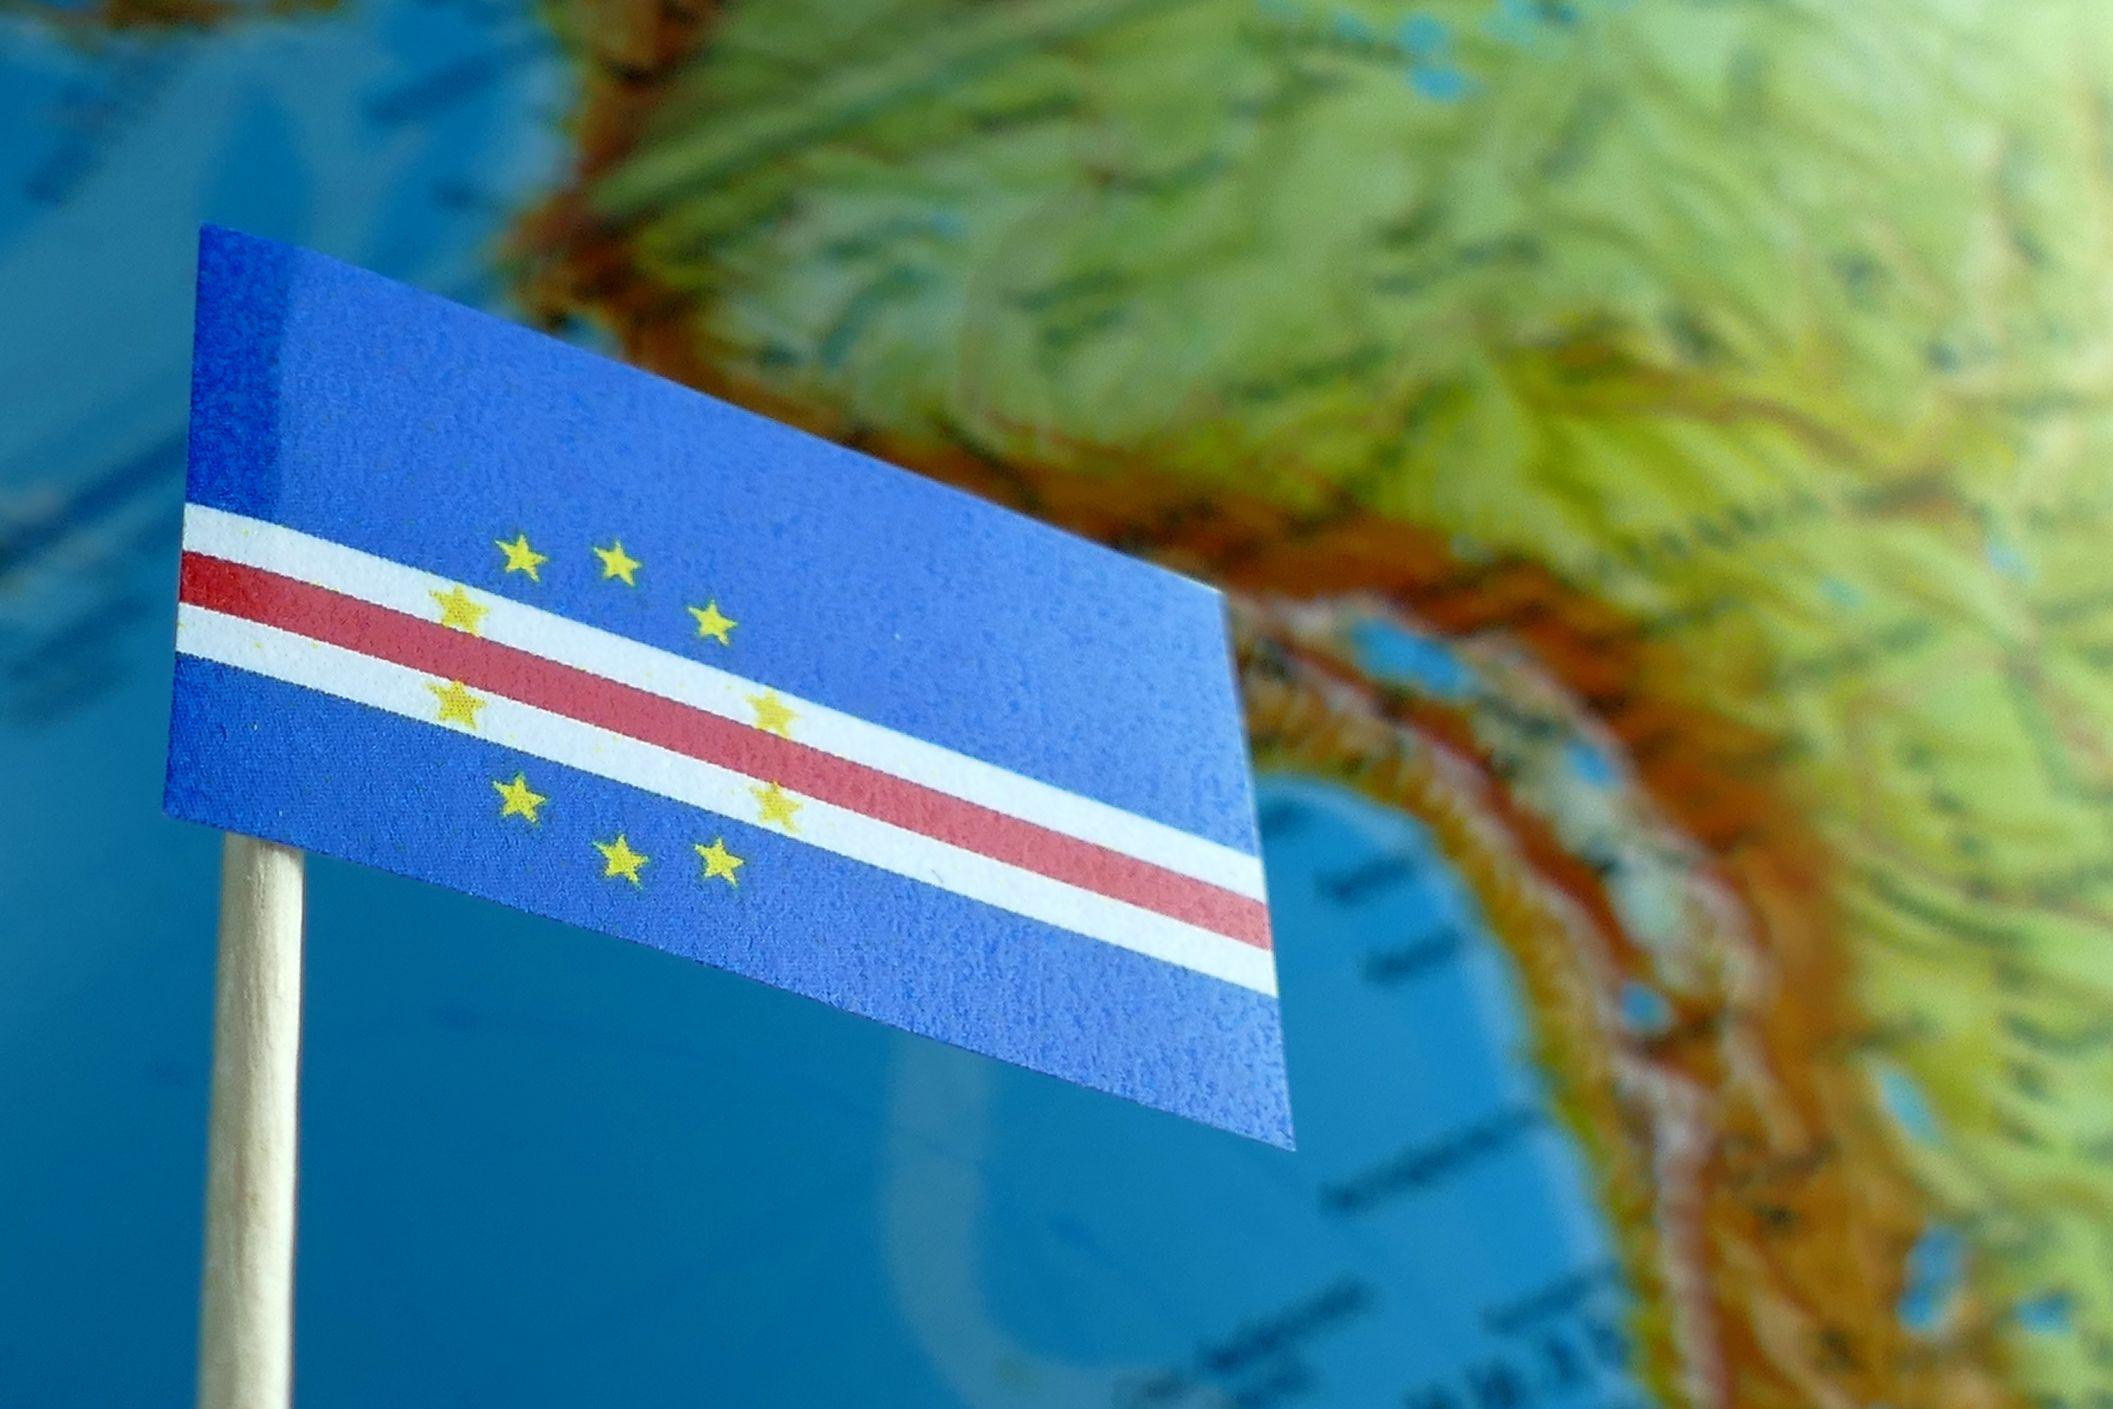 Turista britânico em Cabo Verde repatriado de emergência